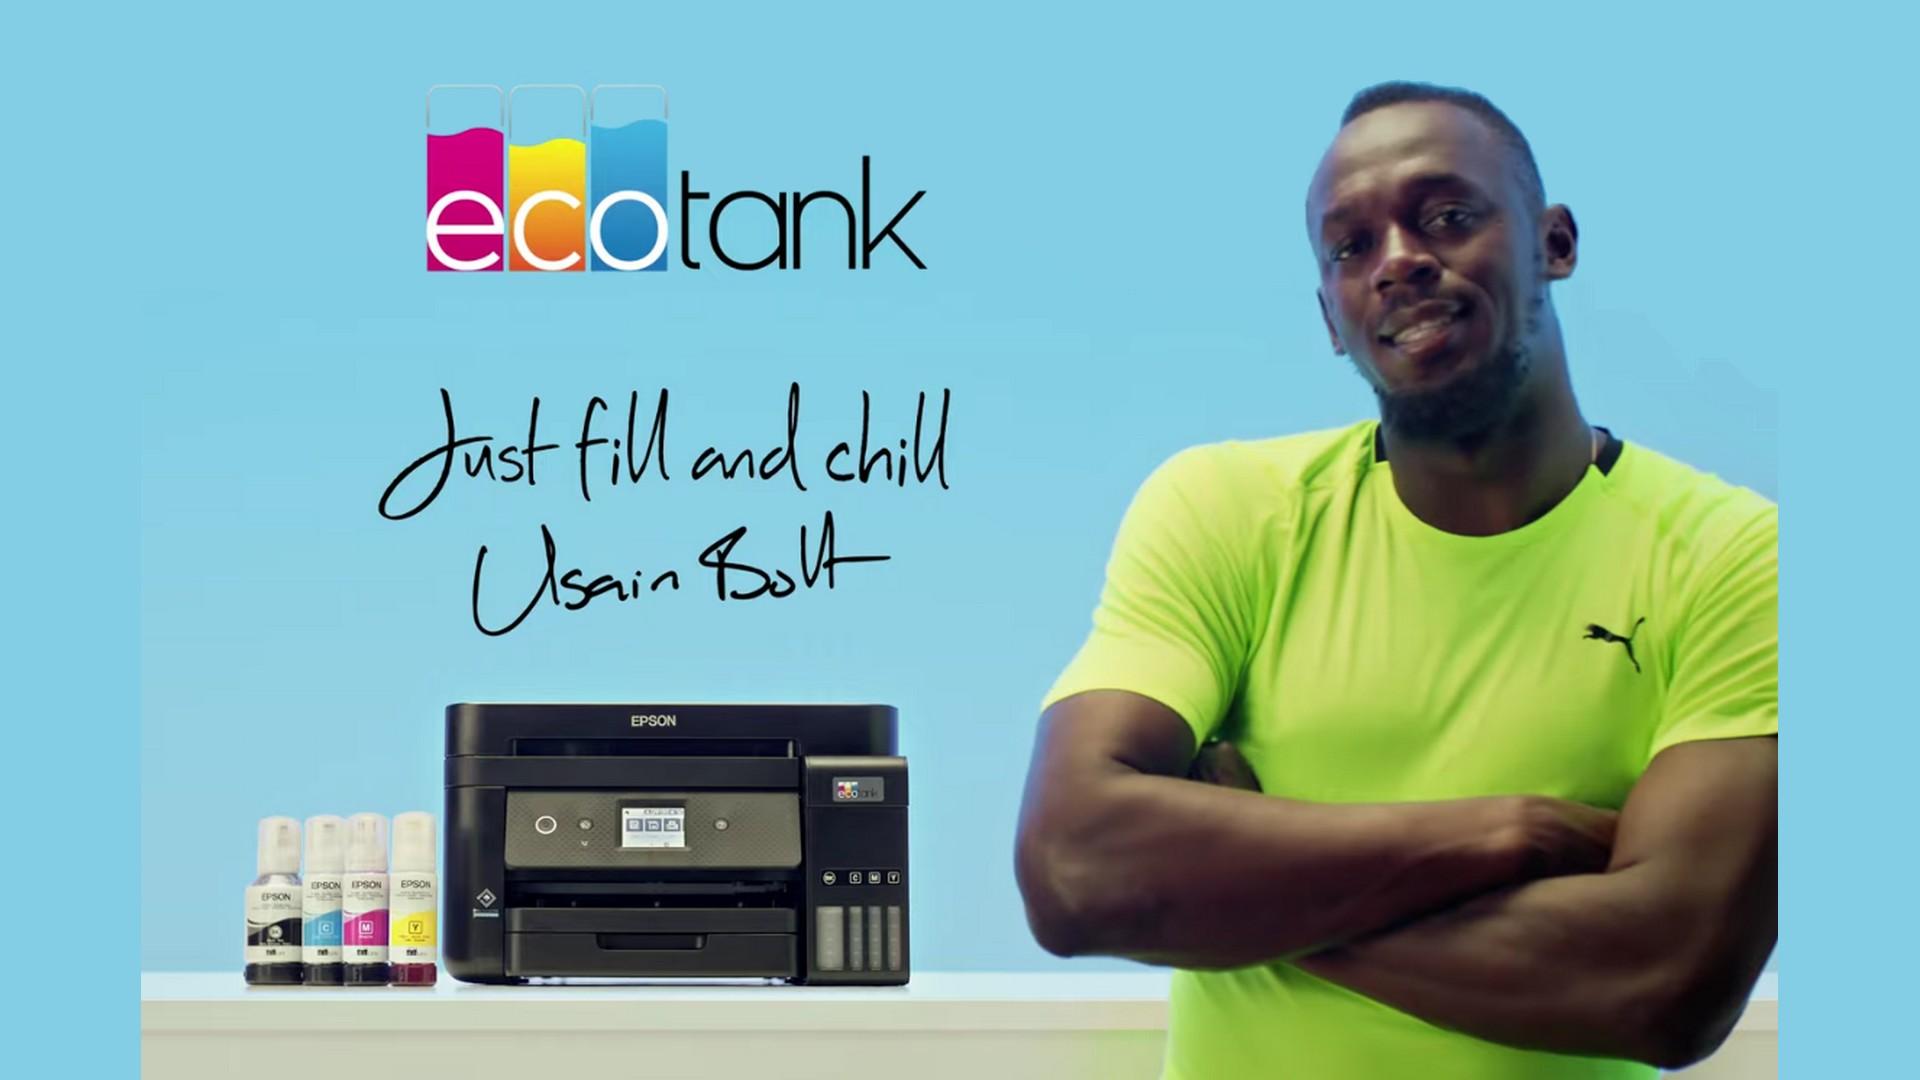 Epson x Usain Bolt (athlétisme) 2021